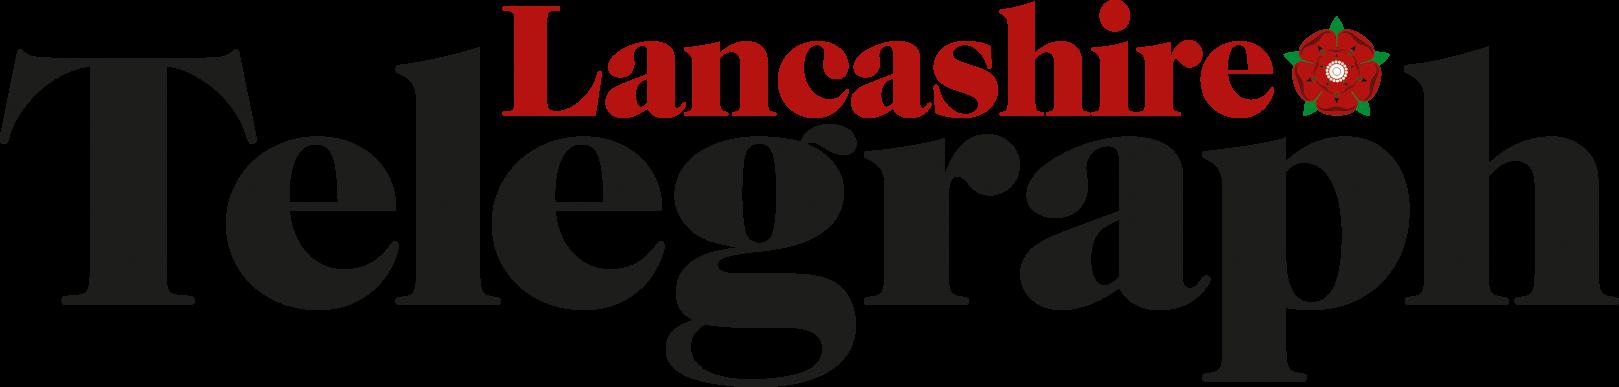 Lancaster And Morecambe Citizen Logo